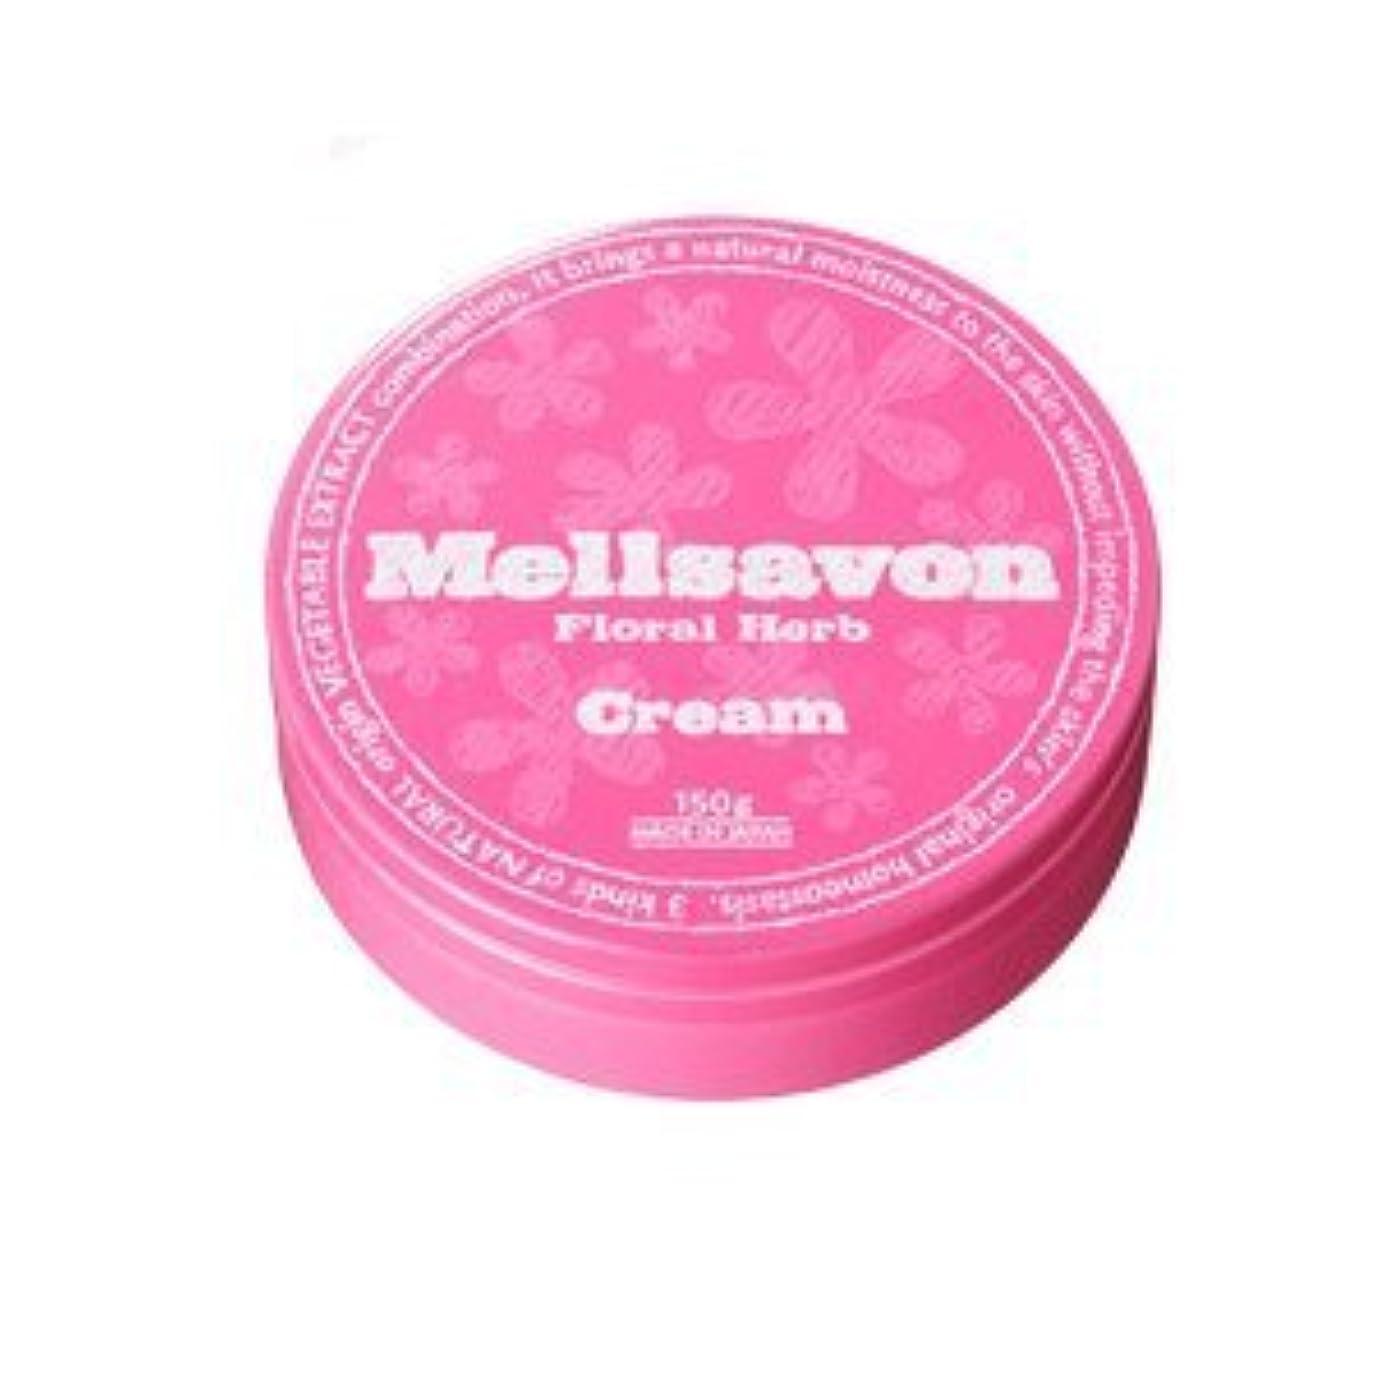 ドル息切れ練るメルサボン スキンケアクリーム フローラルハーブの香り 大缶 150g